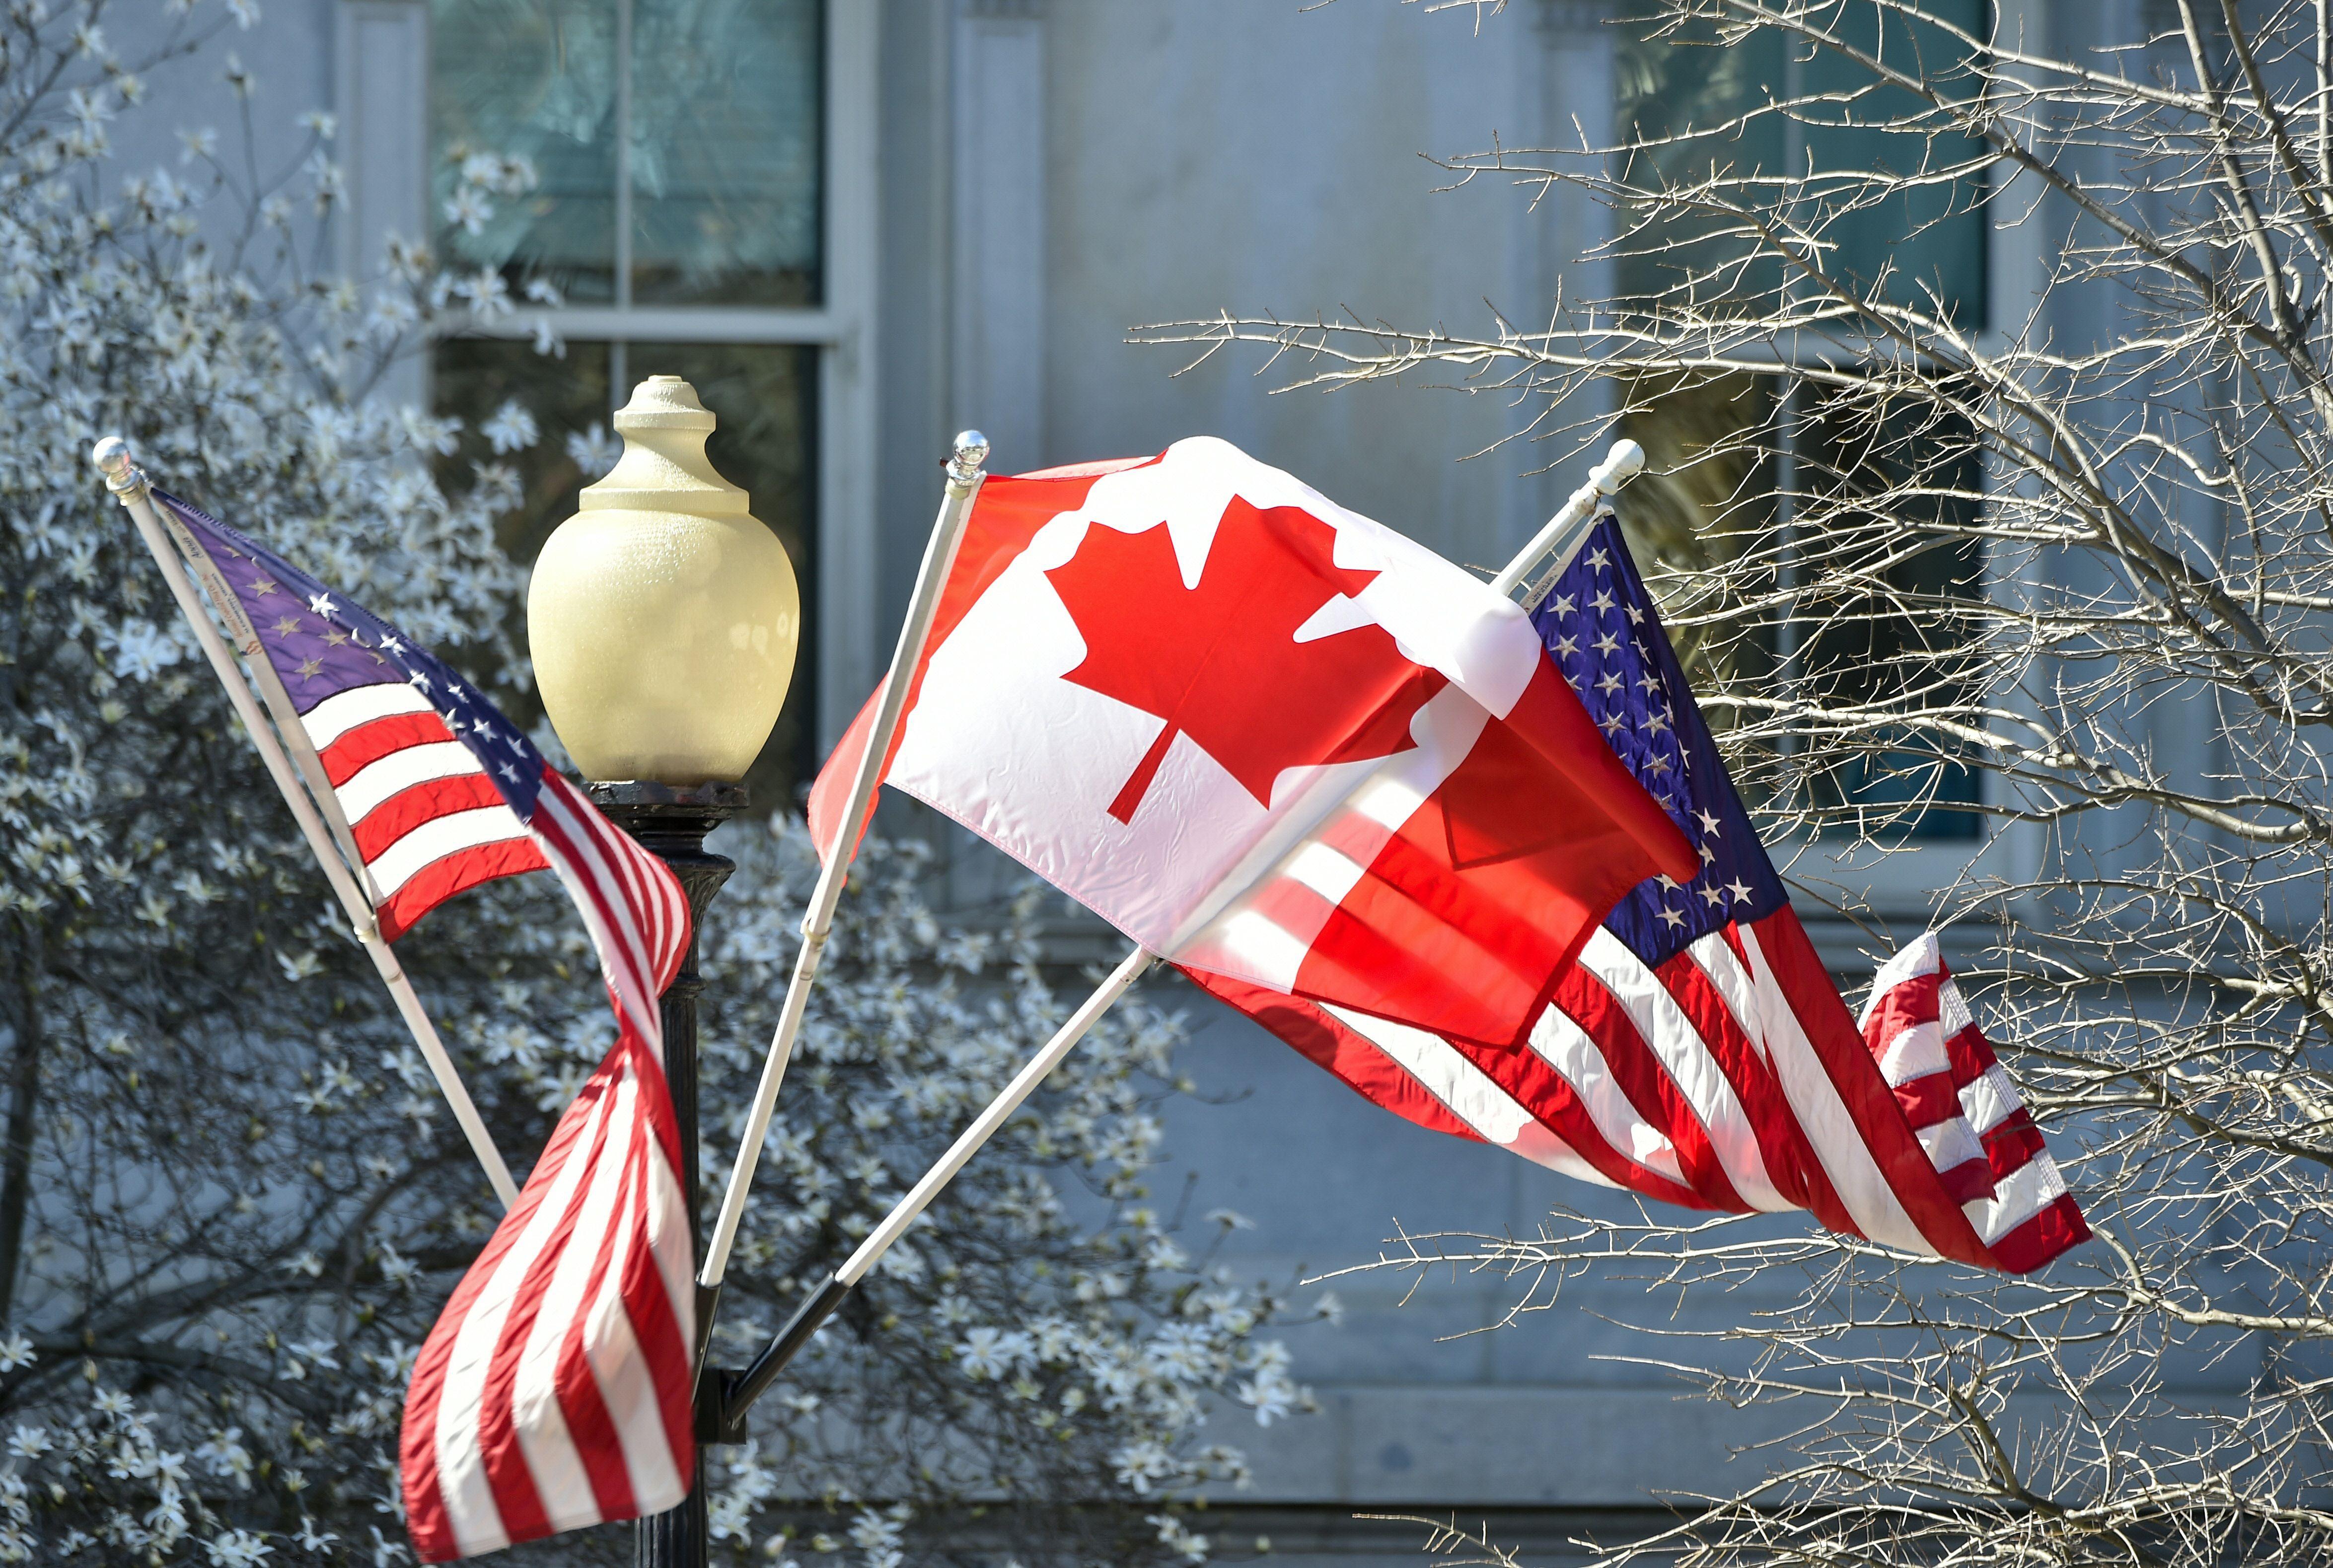 US-POLITICS-DIPLOMACY-CANADA